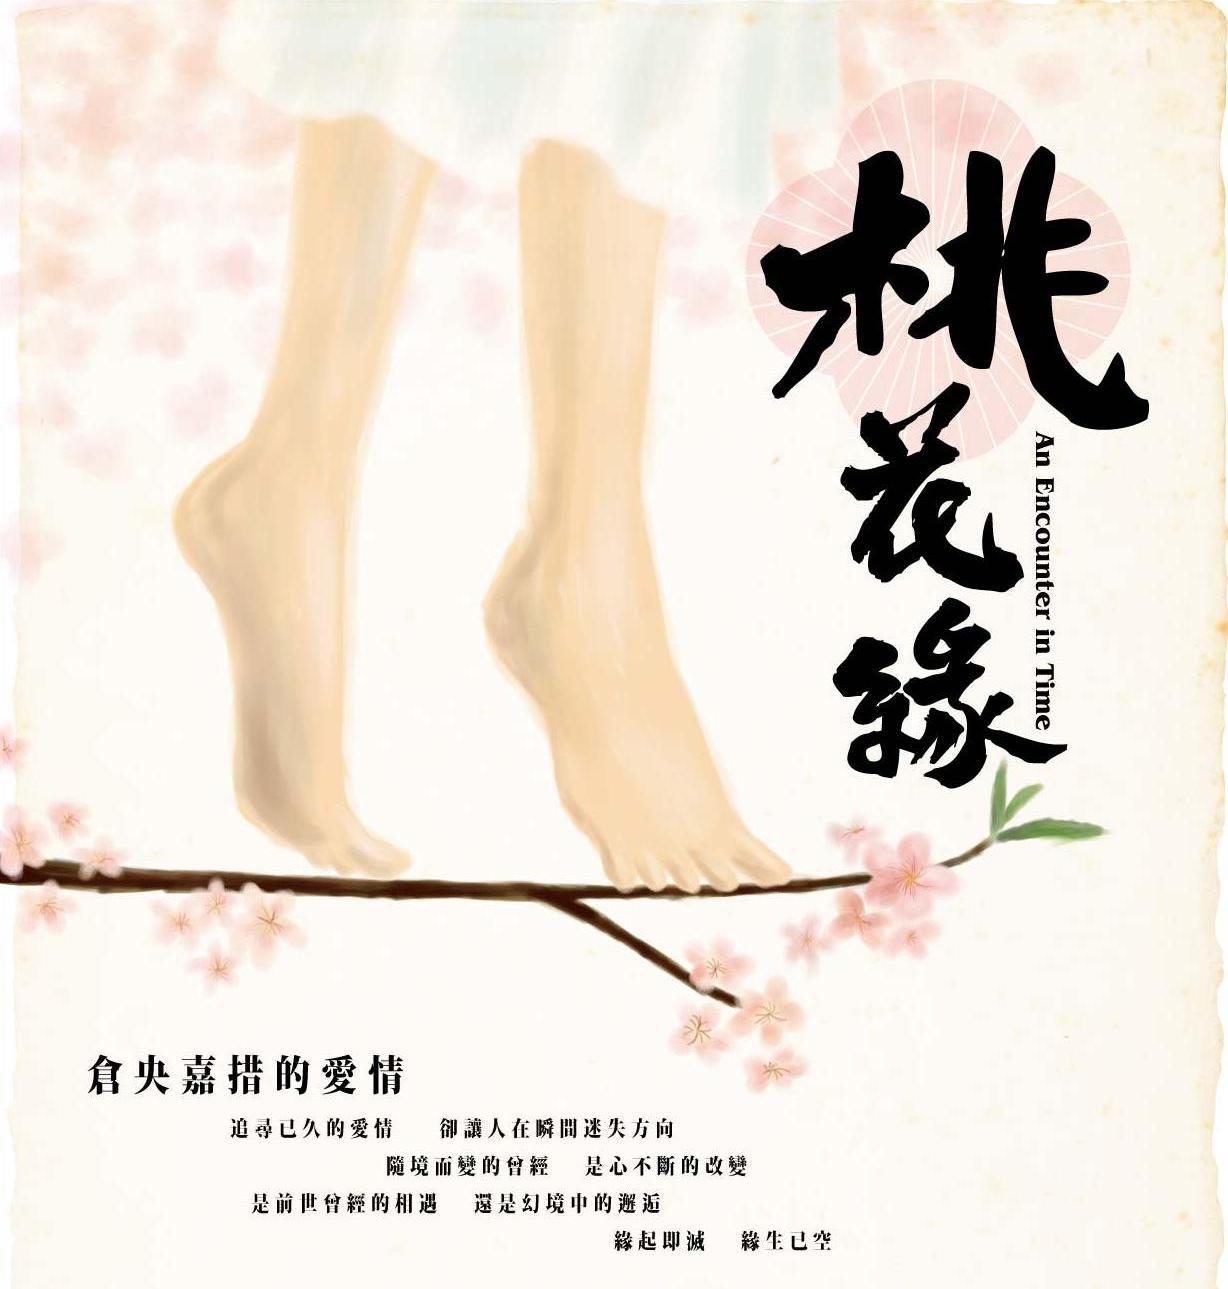 肢體音符舞團《桃花緣》